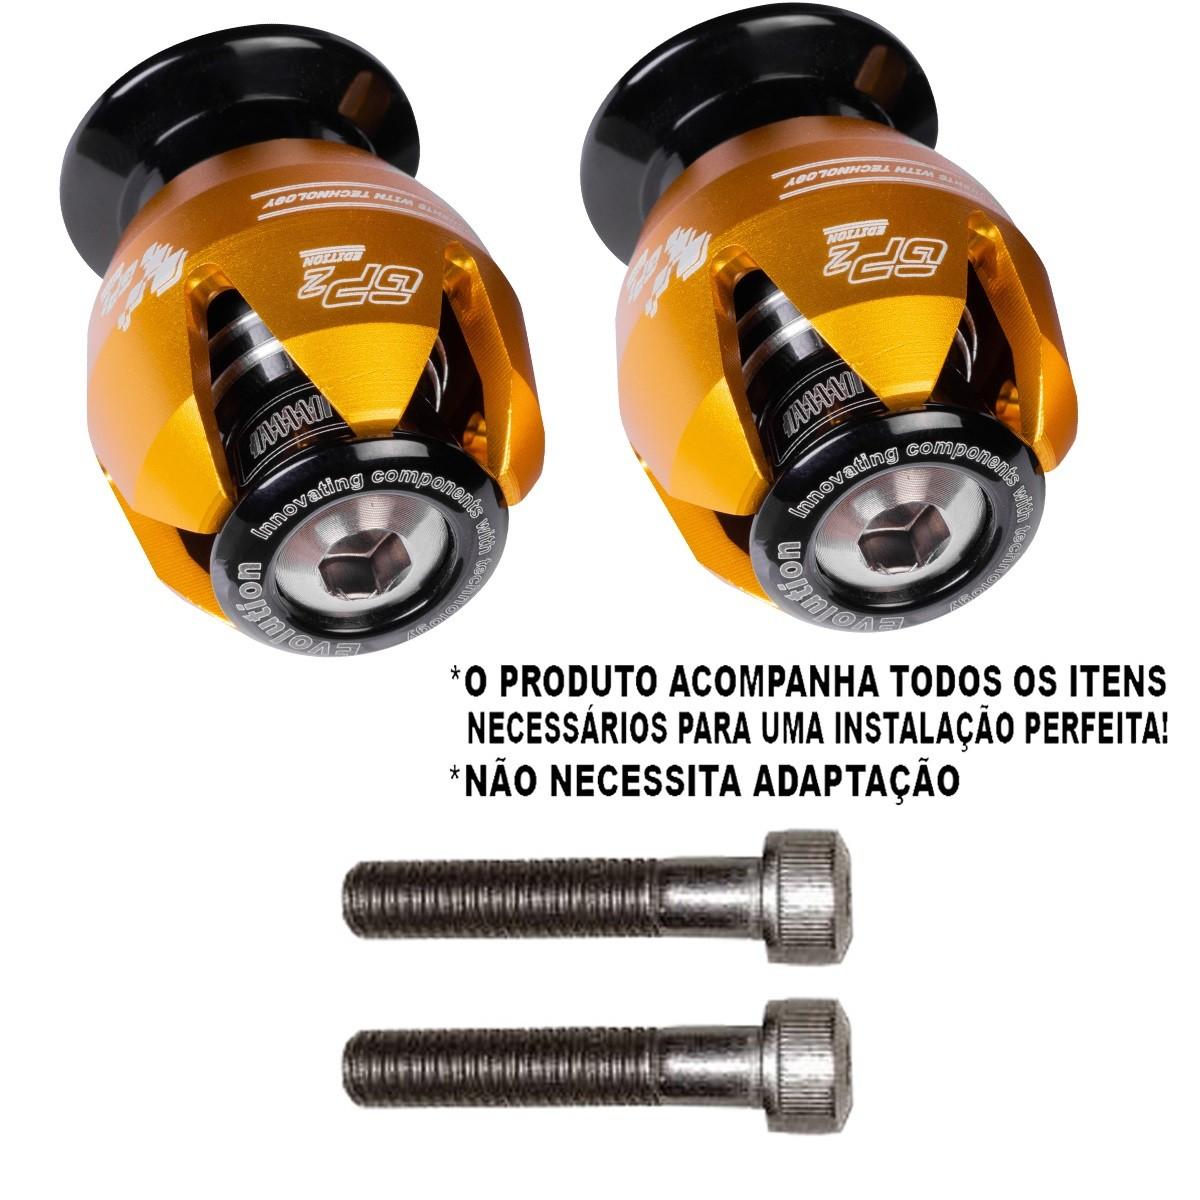 Slider traseiro cbr 600rr 2007 2008 2009 2010 2011 2012 2013 2014 balança honda gp2 edition